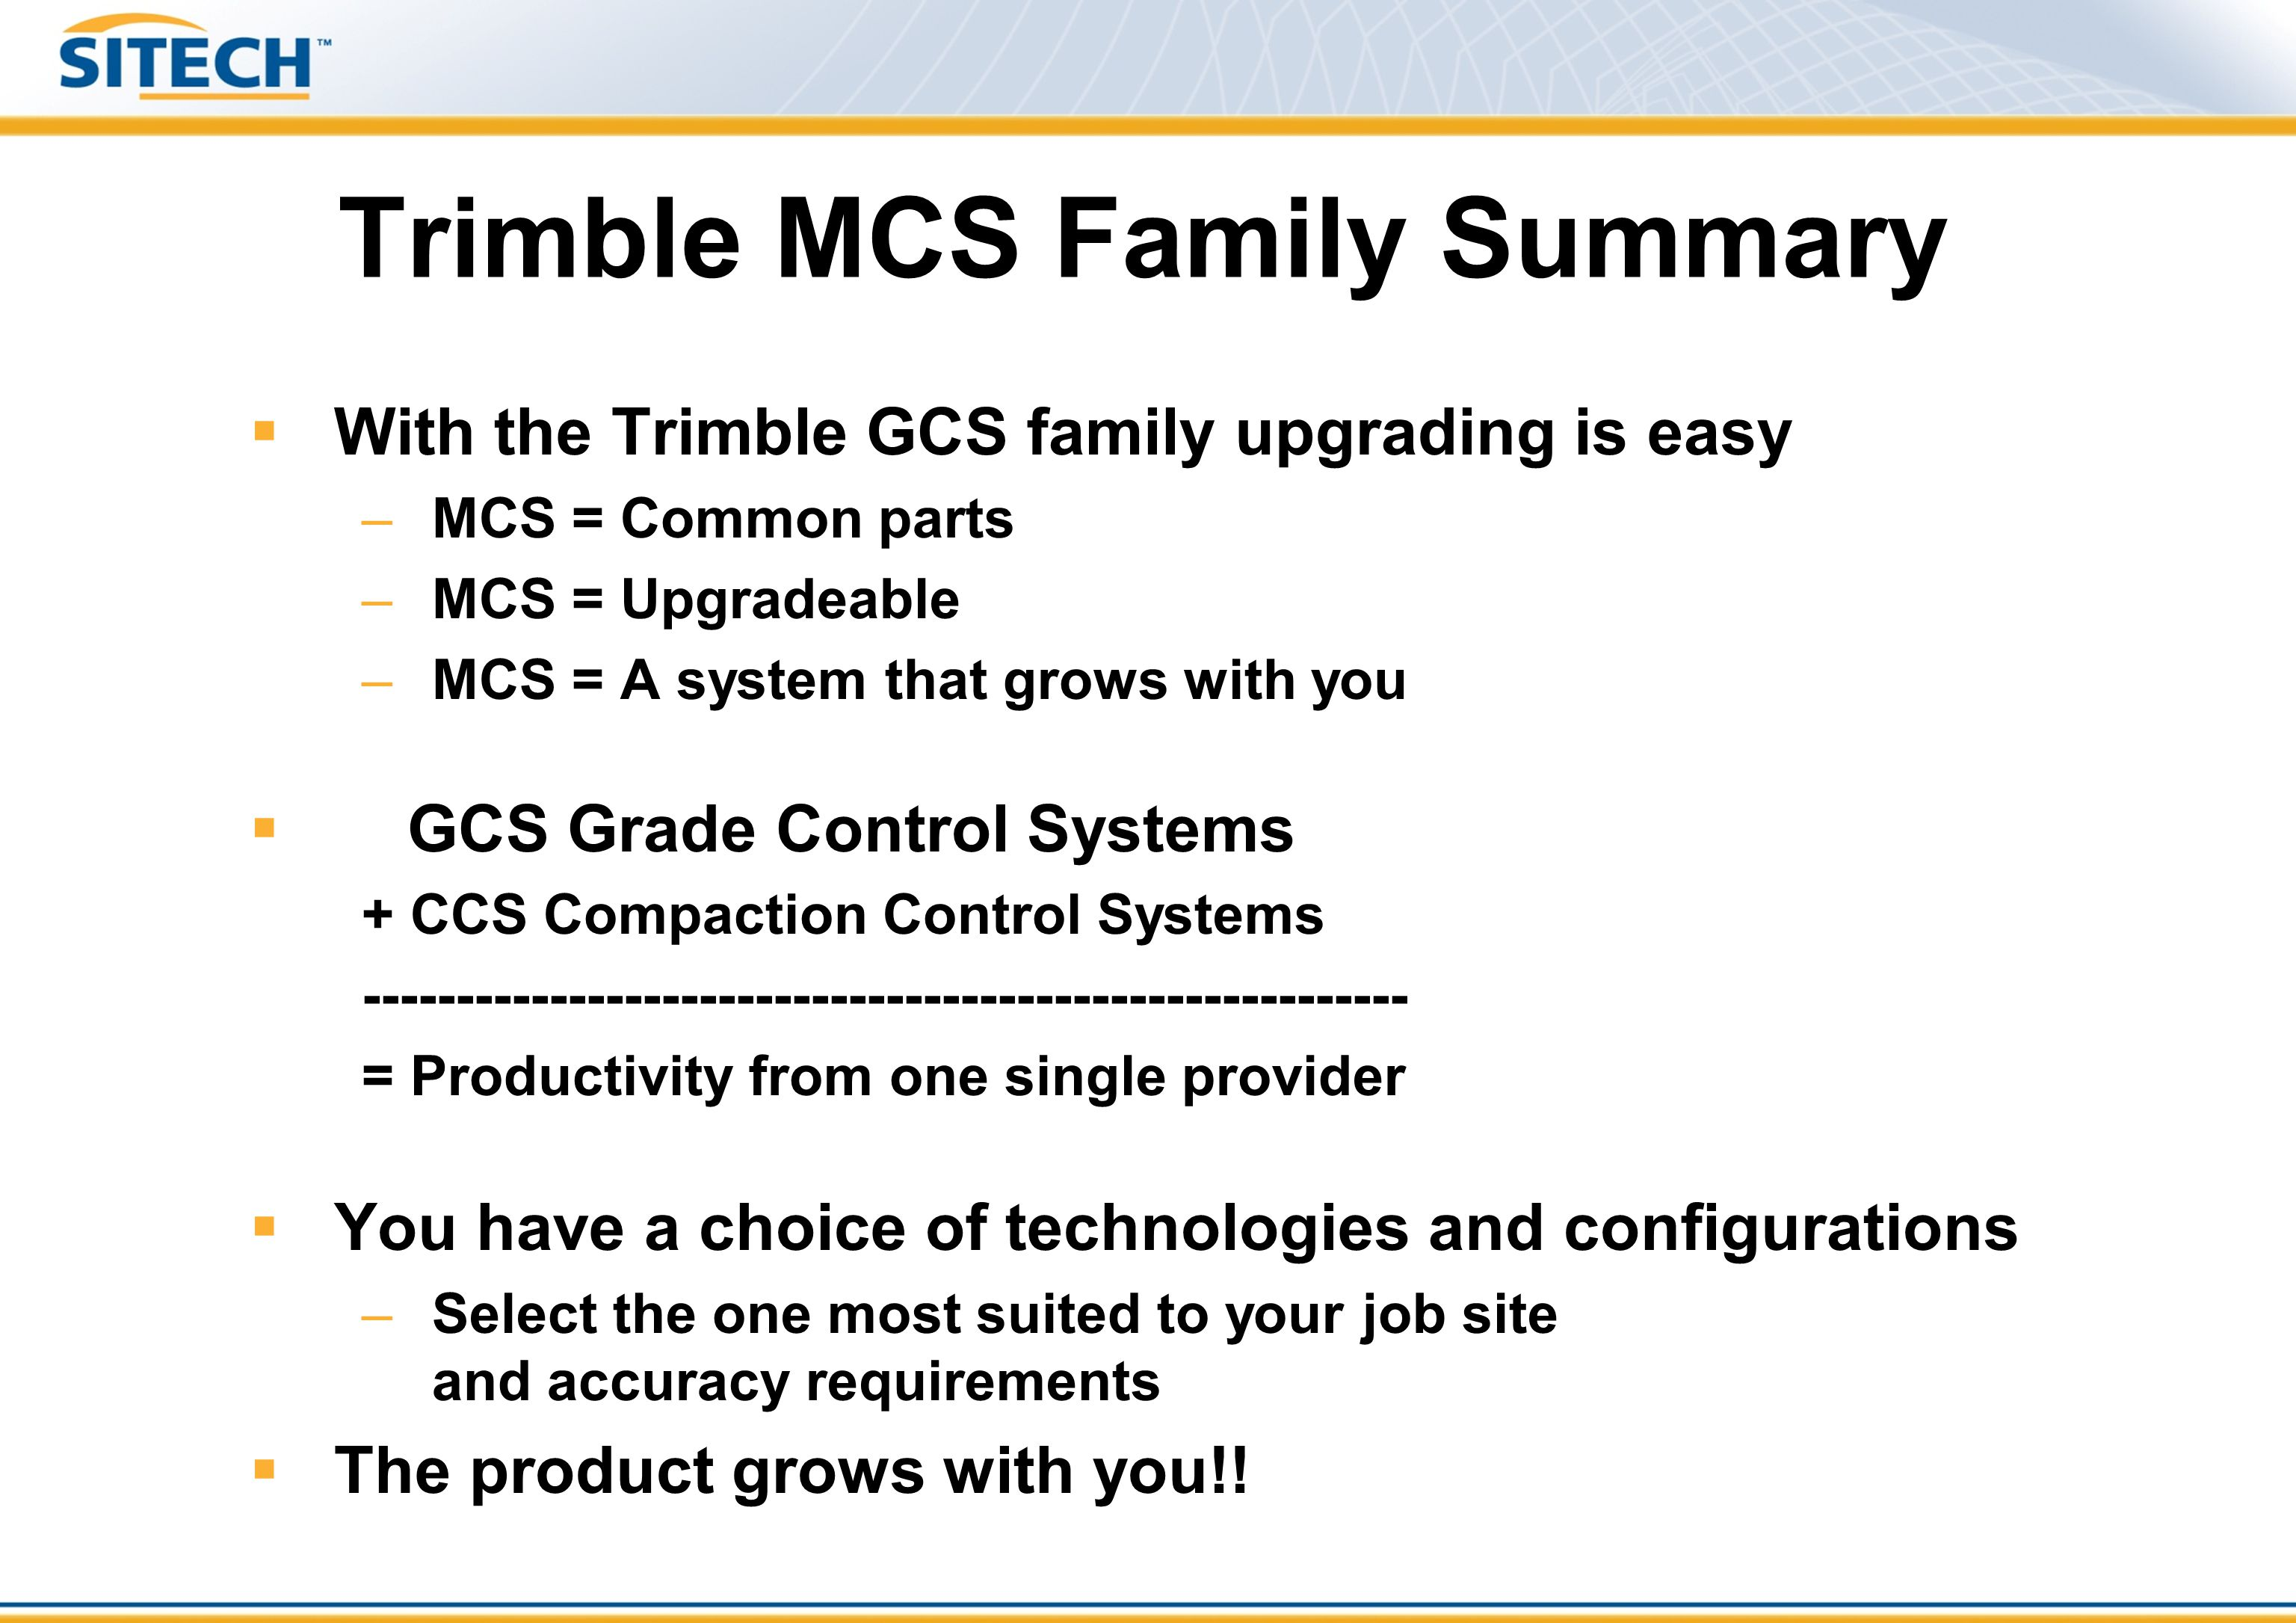 Trimble MCS Family Summary